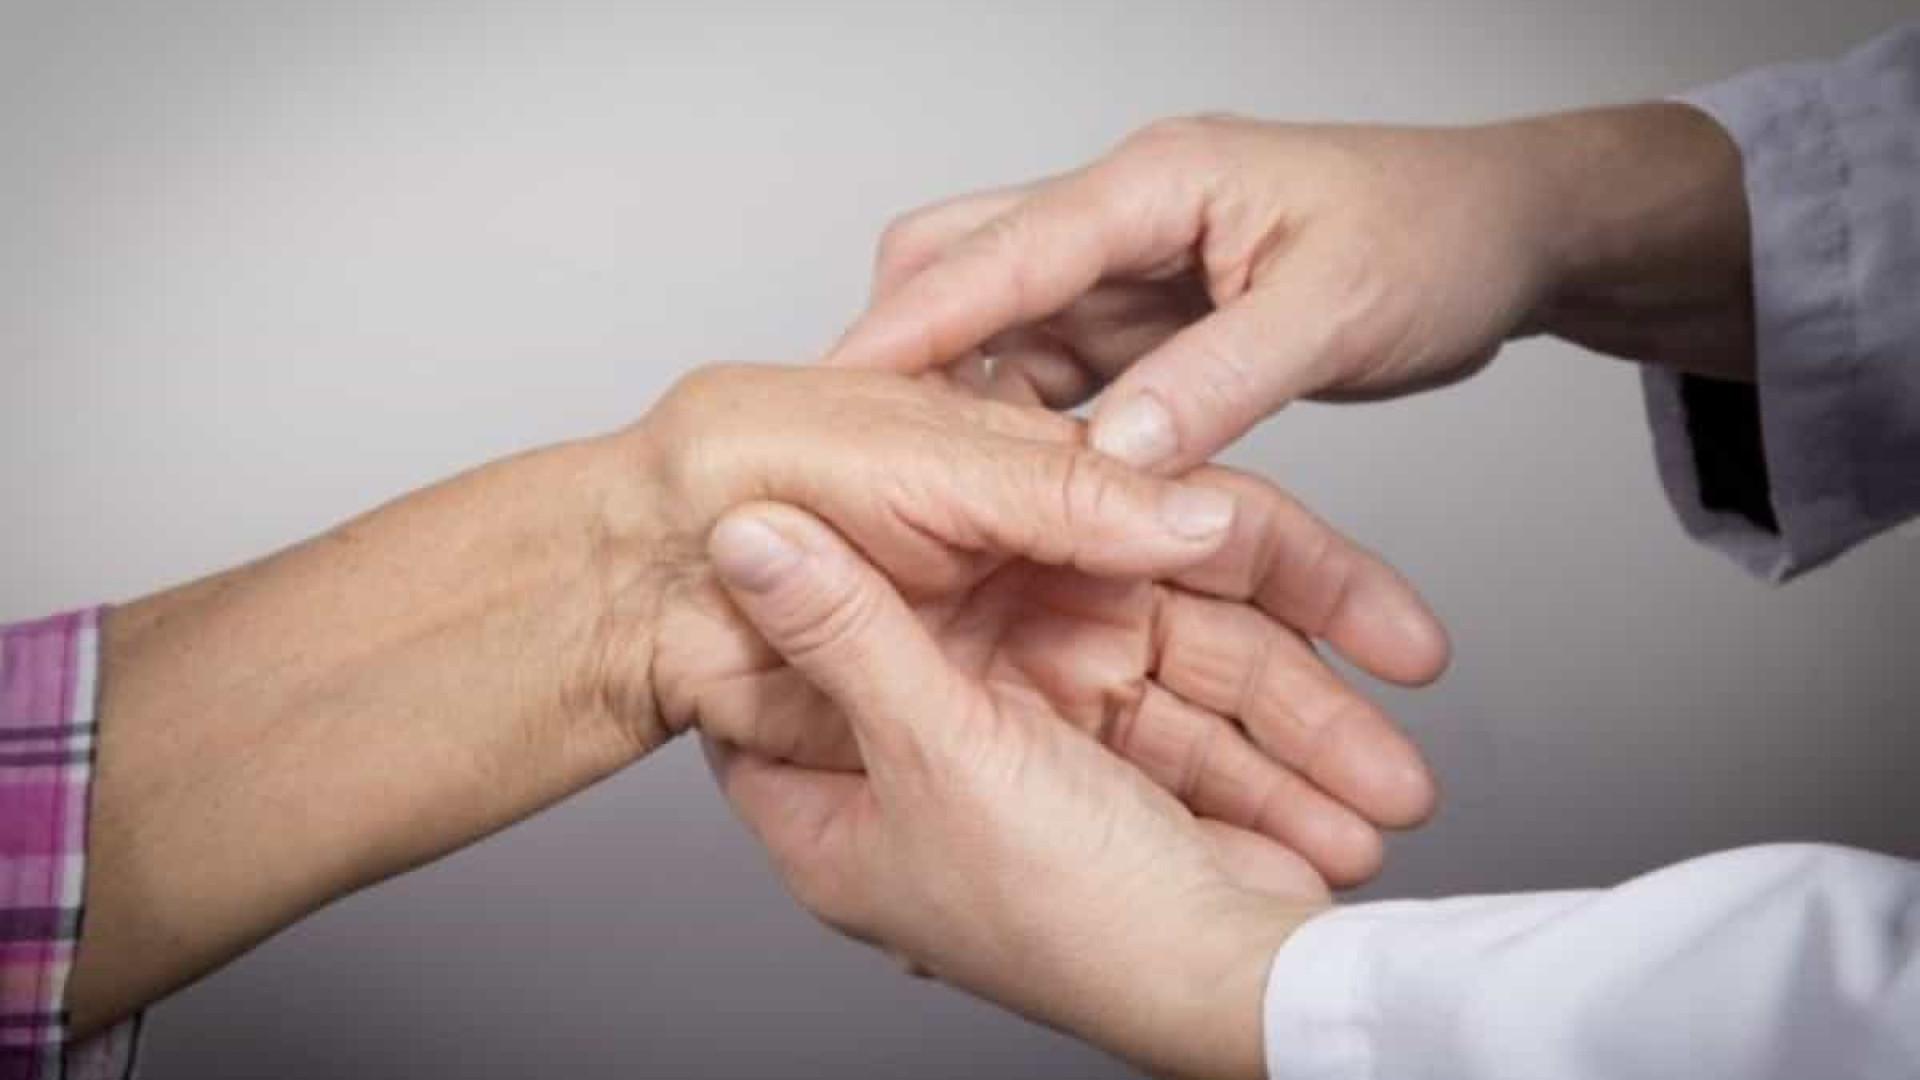 Dia de luta contra o reumatismo é lembrado hoje no país